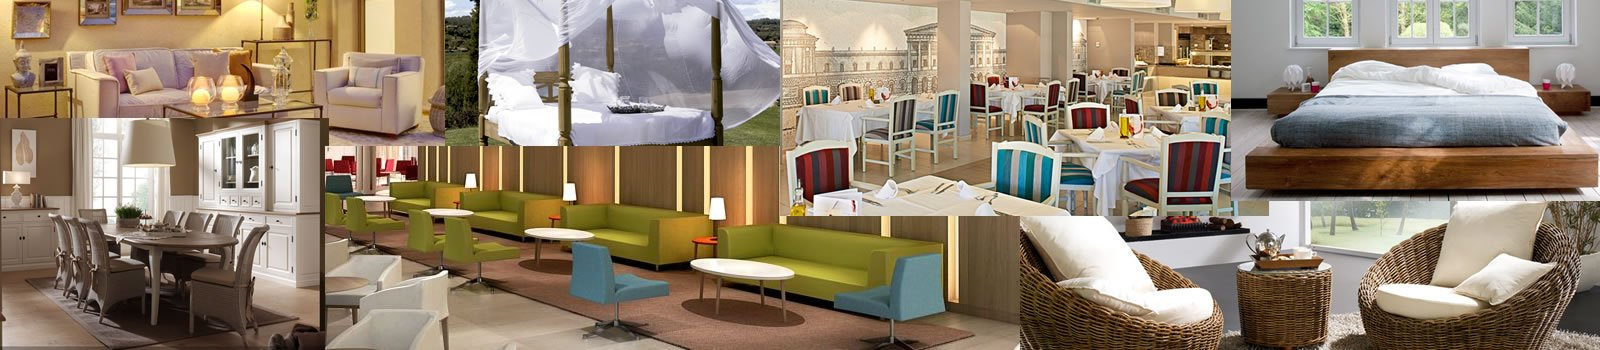 Expo mobles manacor muebles hosteler a muebles en - Muebles en mallorca ...